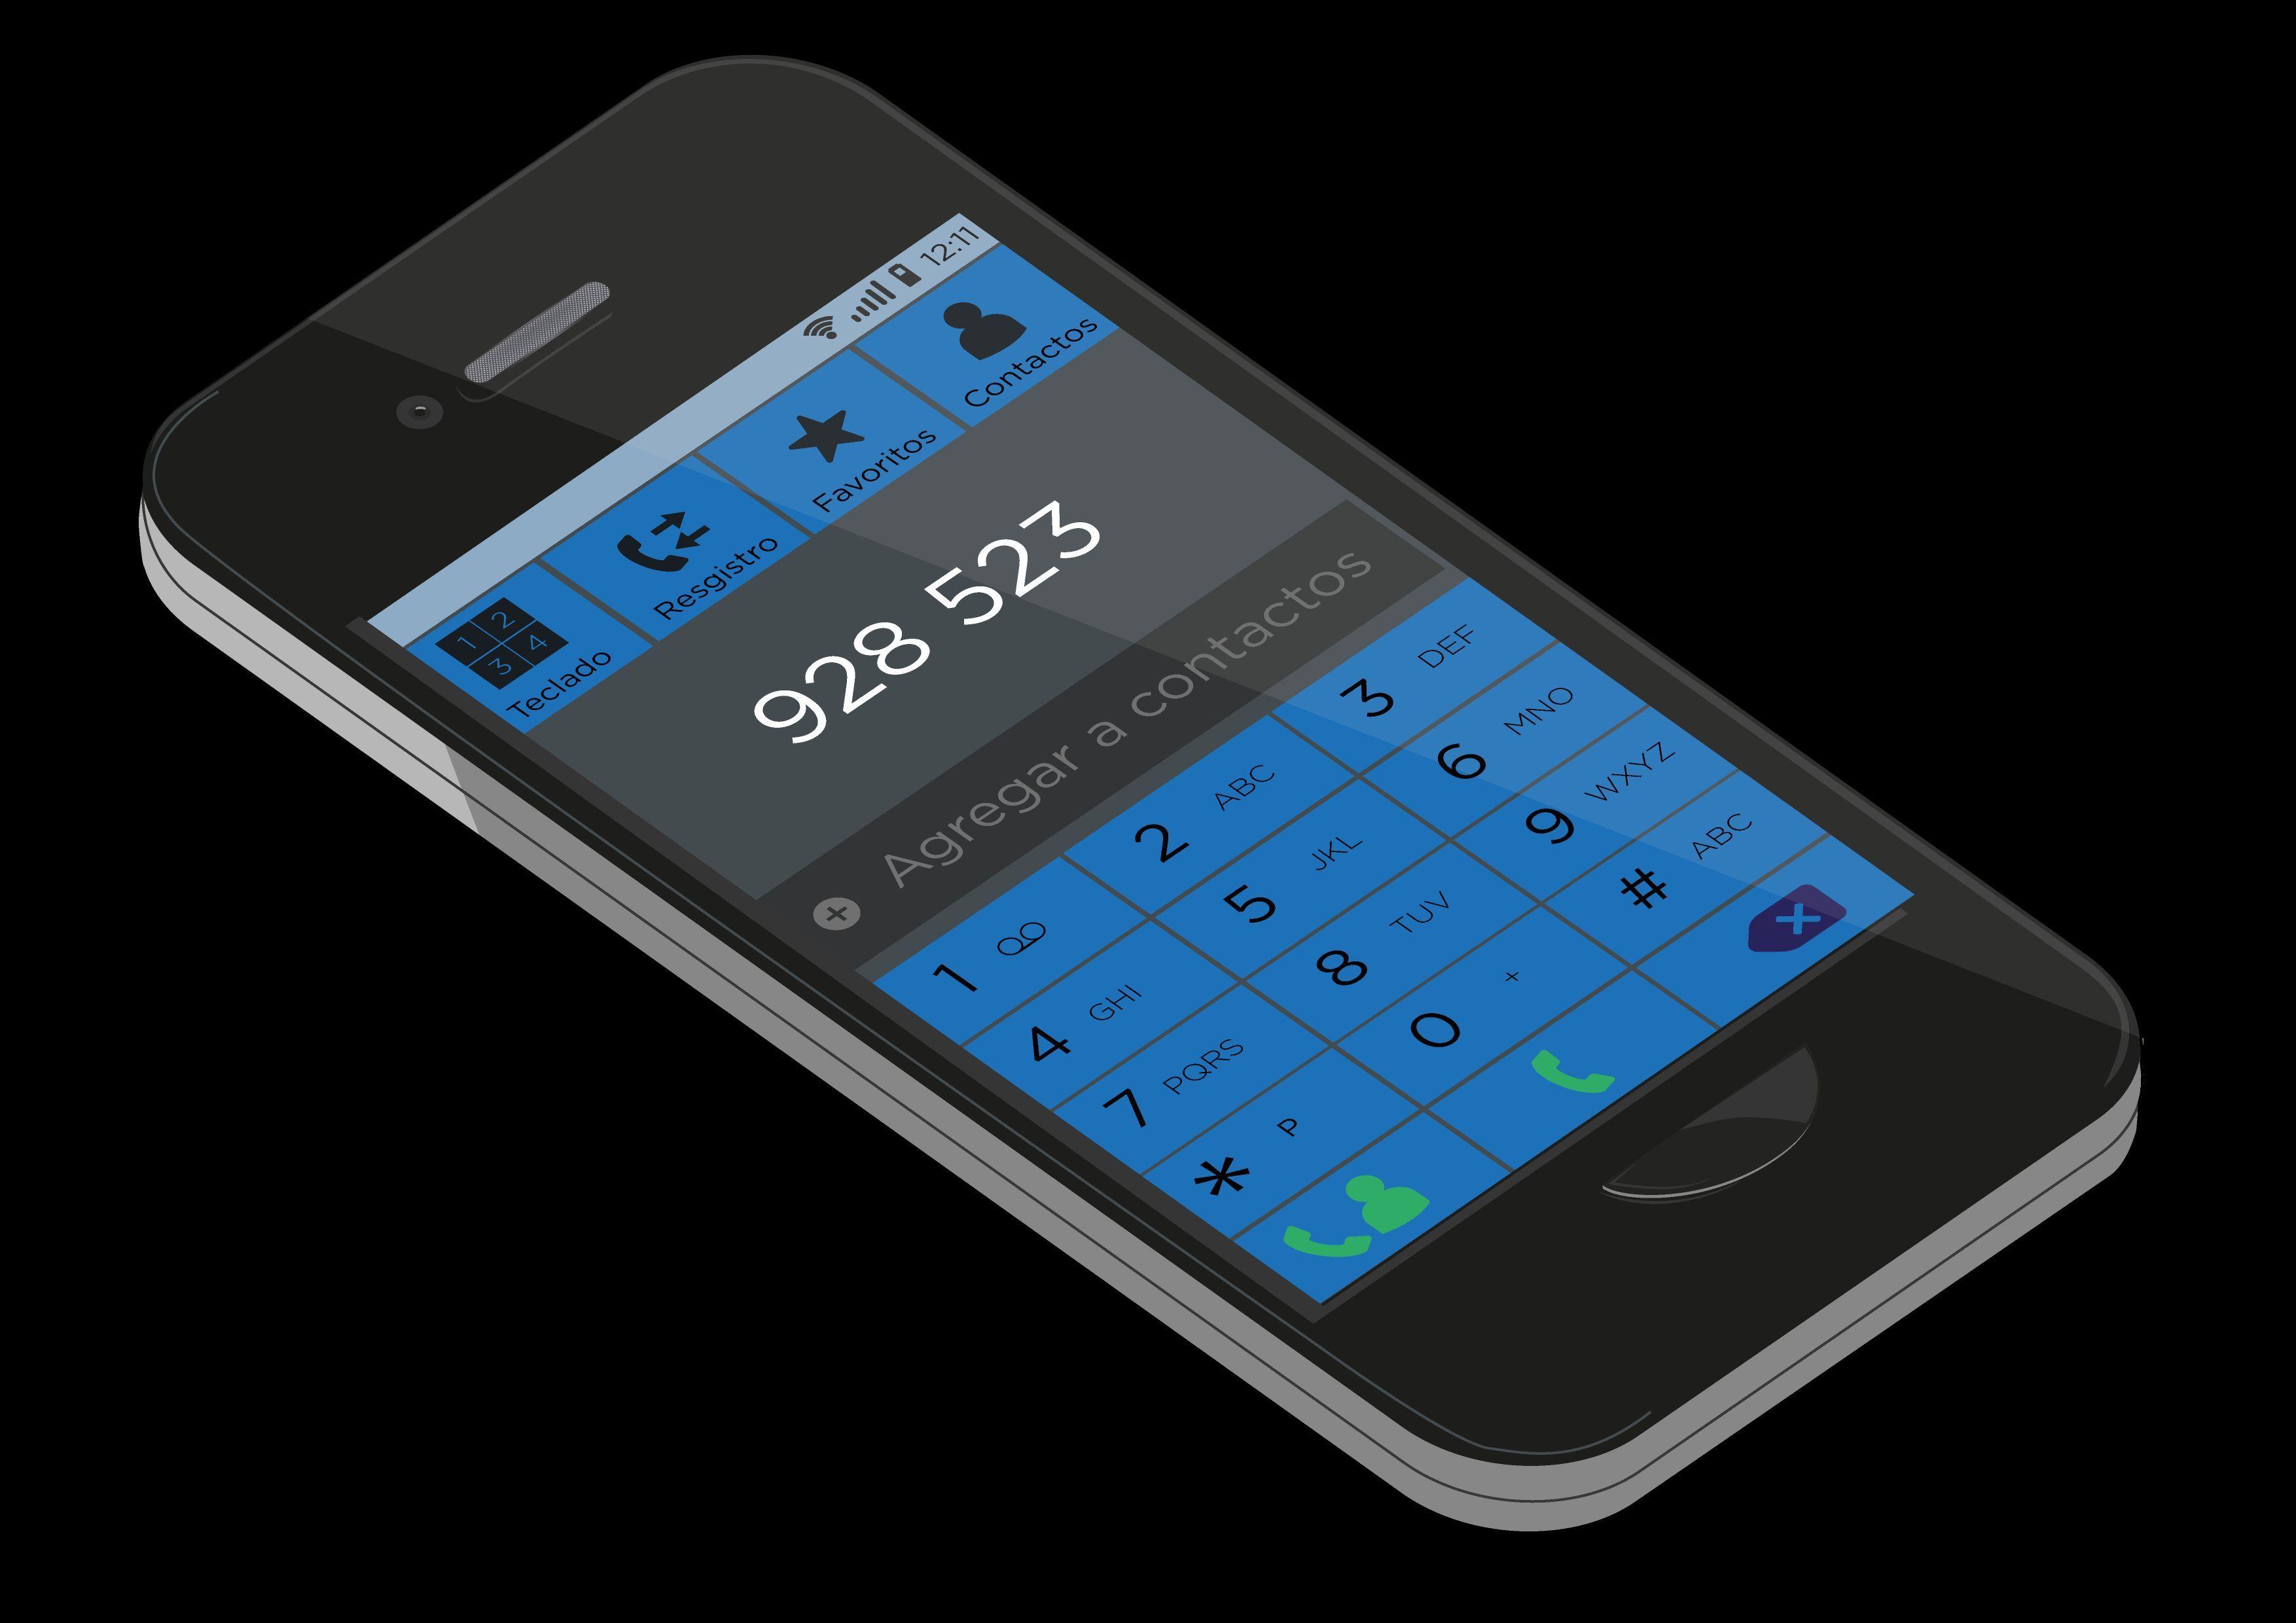 Estás en pleno acto o a puntito con alguien... Surge una llamada muy importante, ¿qué haces?